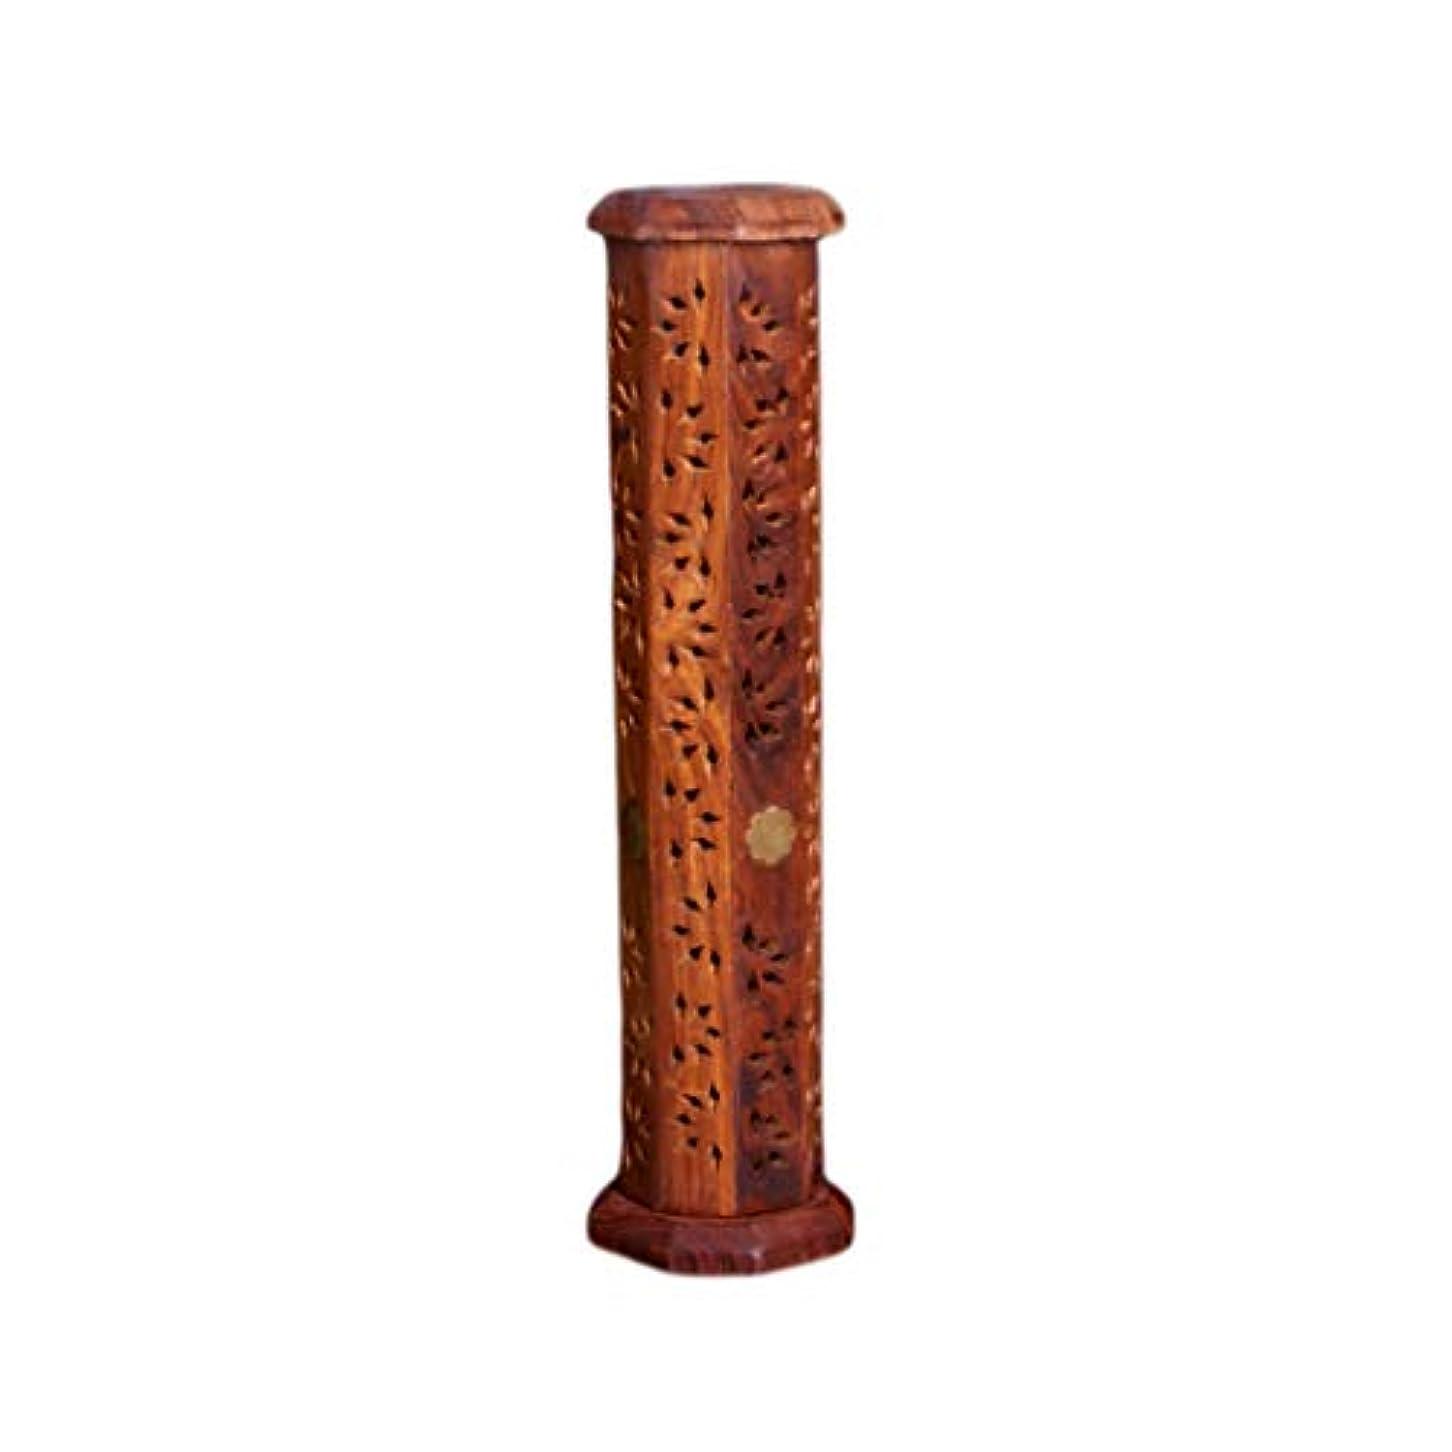 スポンジコミットメントしかしウッドタワー香バーナー透かし彫り仏香スティックコーンバーナーホルダーホームフレグランス装飾香ホルダー (Color : Brown, サイズ : 2.95*12inchs)